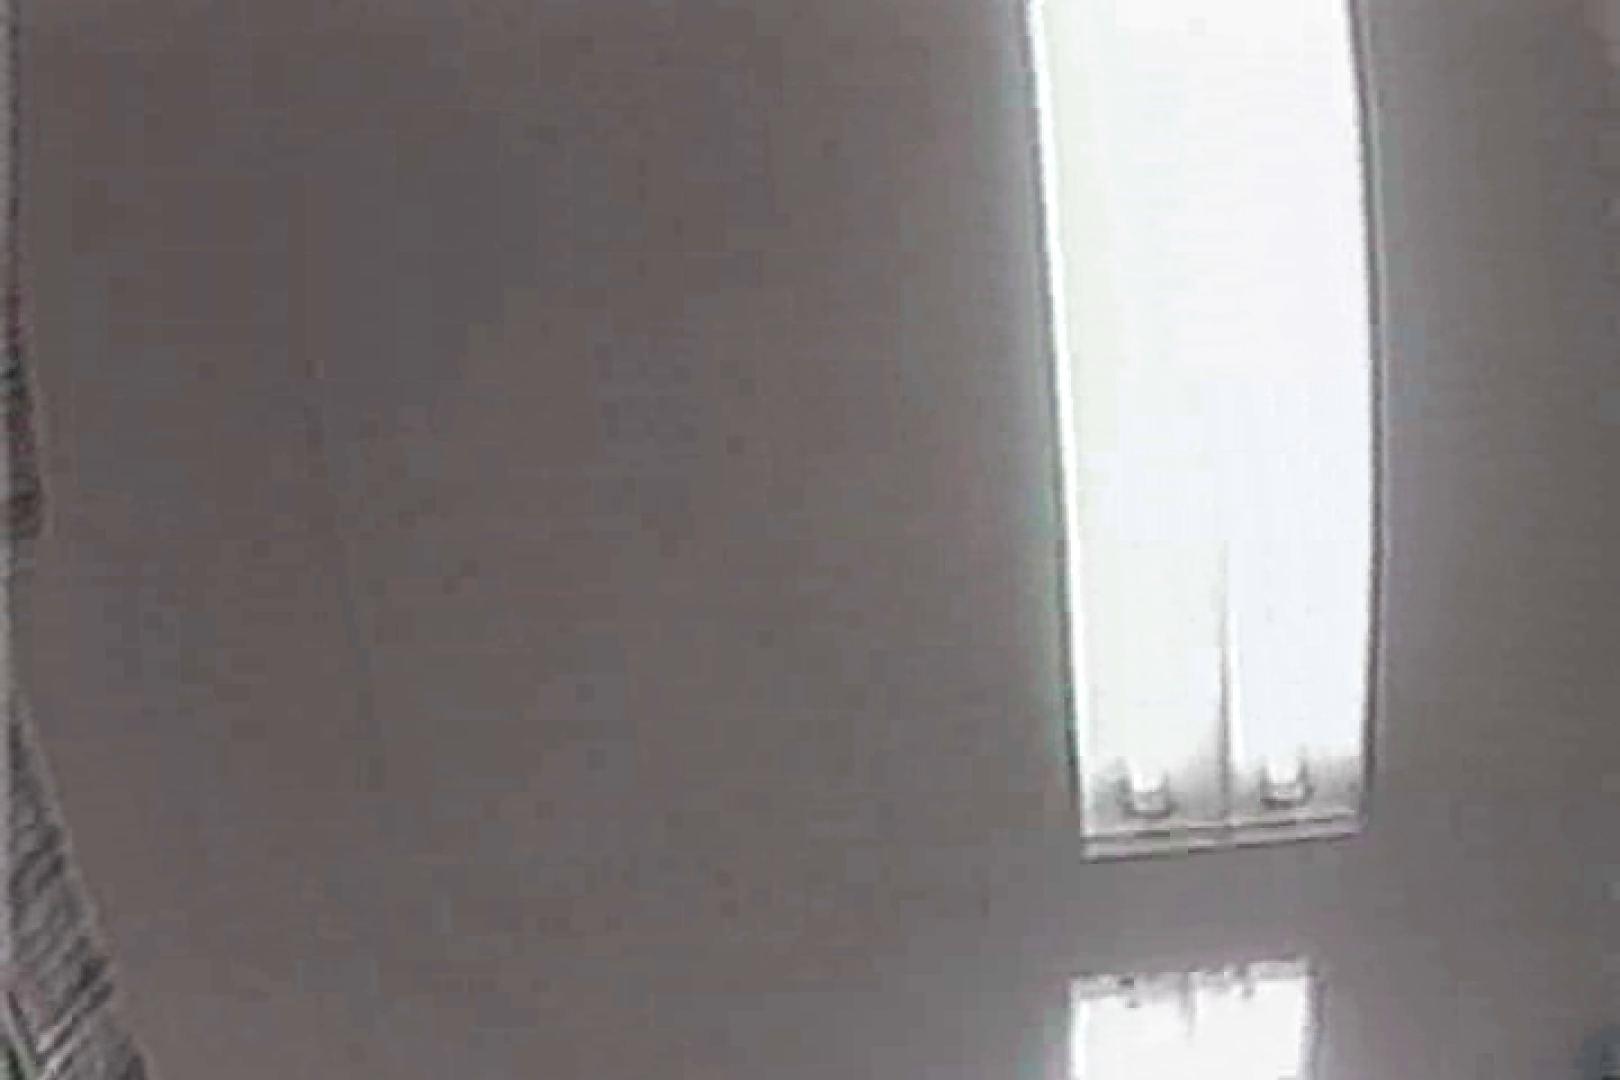 追跡ロックオン!!パンチラリズム!! 覗き アダルト動画キャプチャ 107連発 17